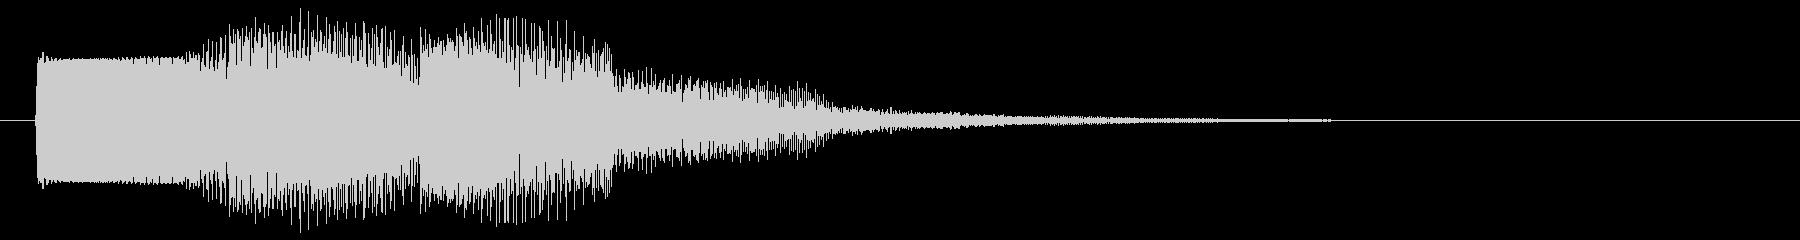 セレクト 決定 選択 クリック 低音版の未再生の波形